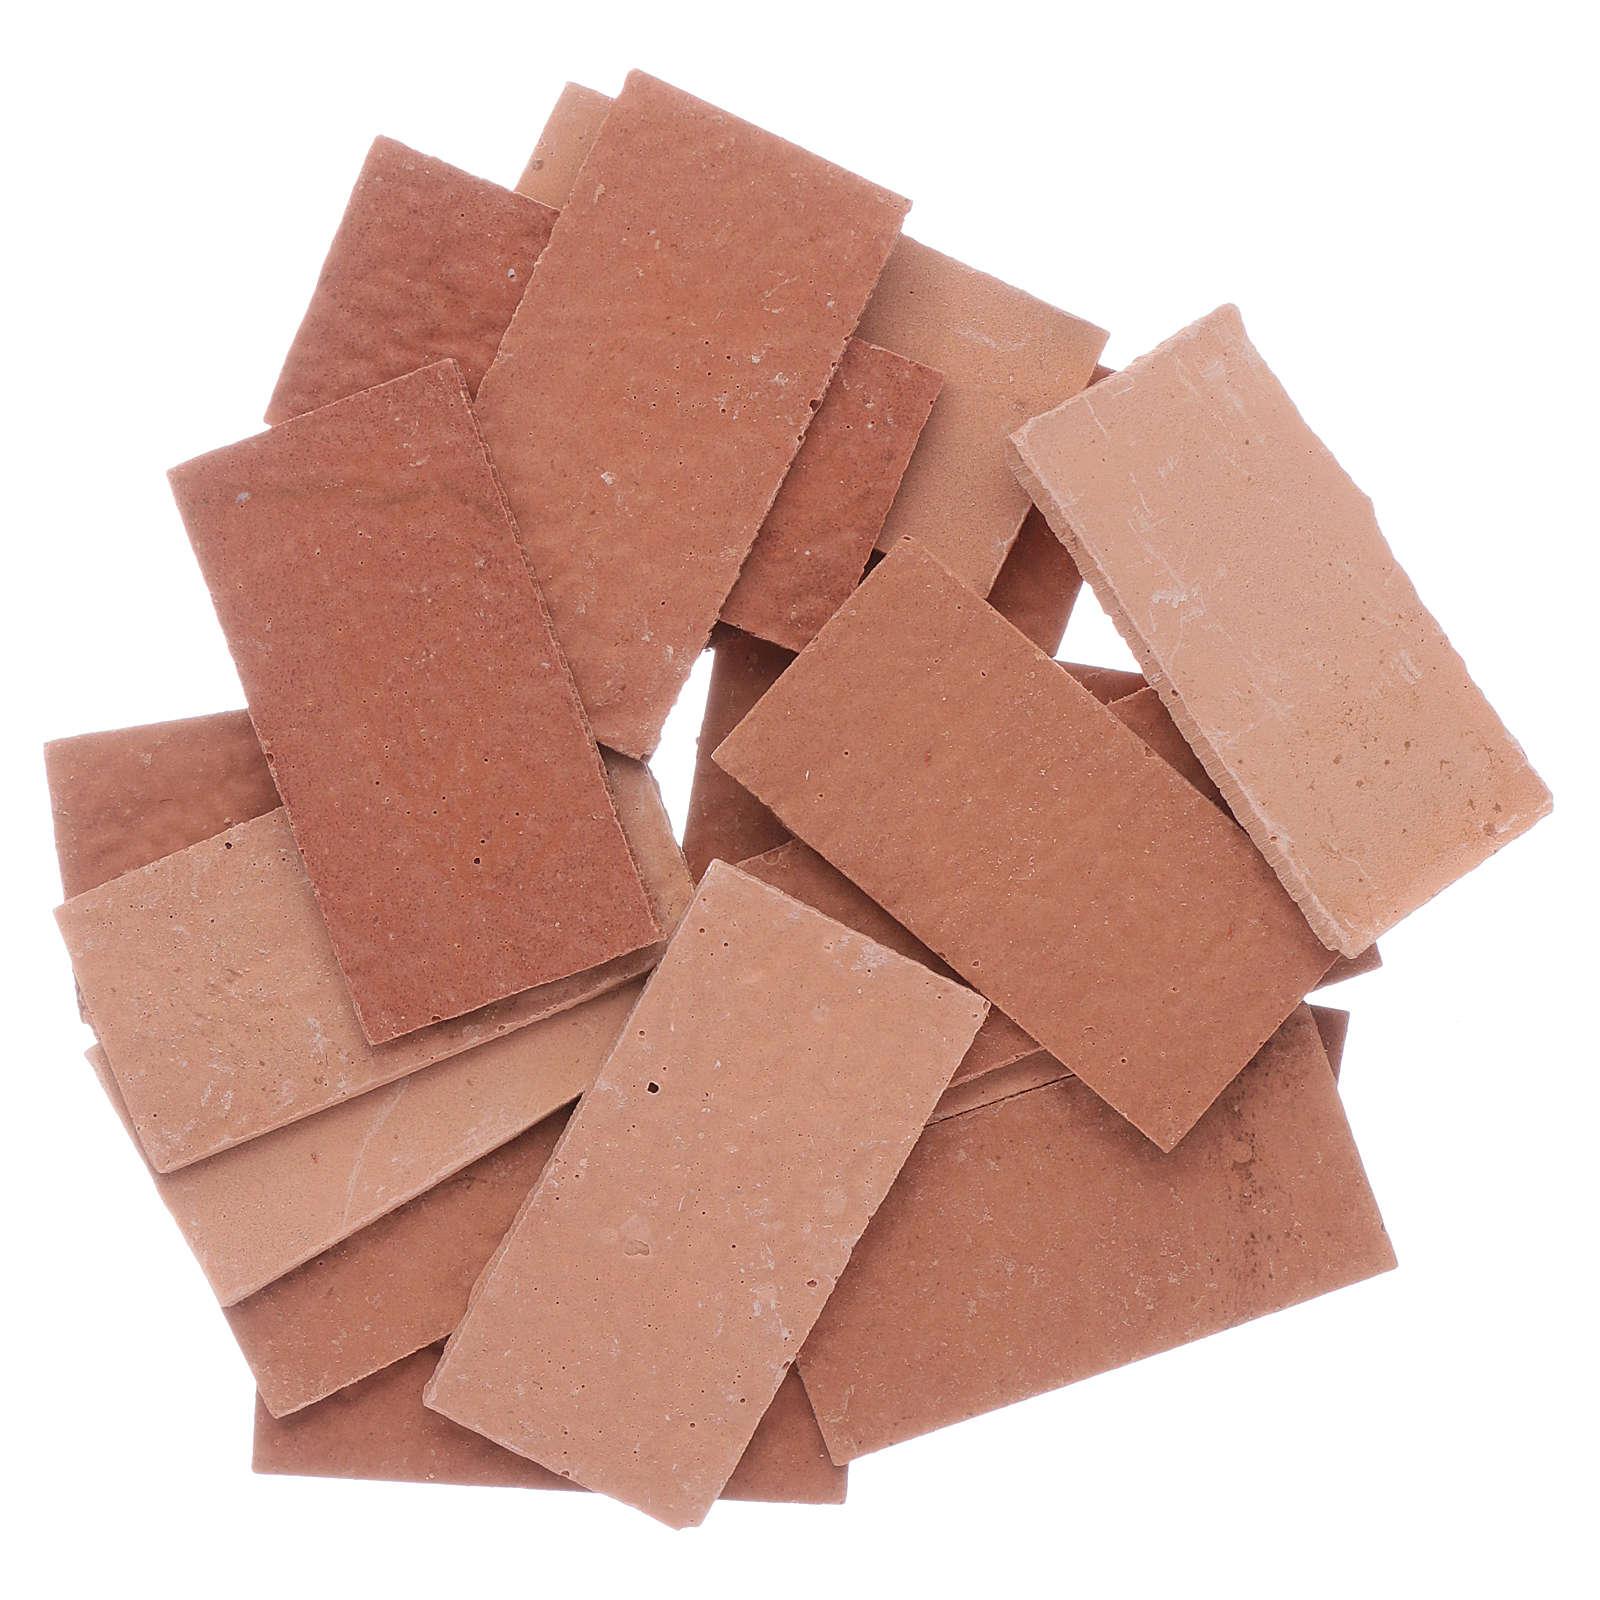 Piastrelle resina set 20 pezzi - 35x20 mm 4